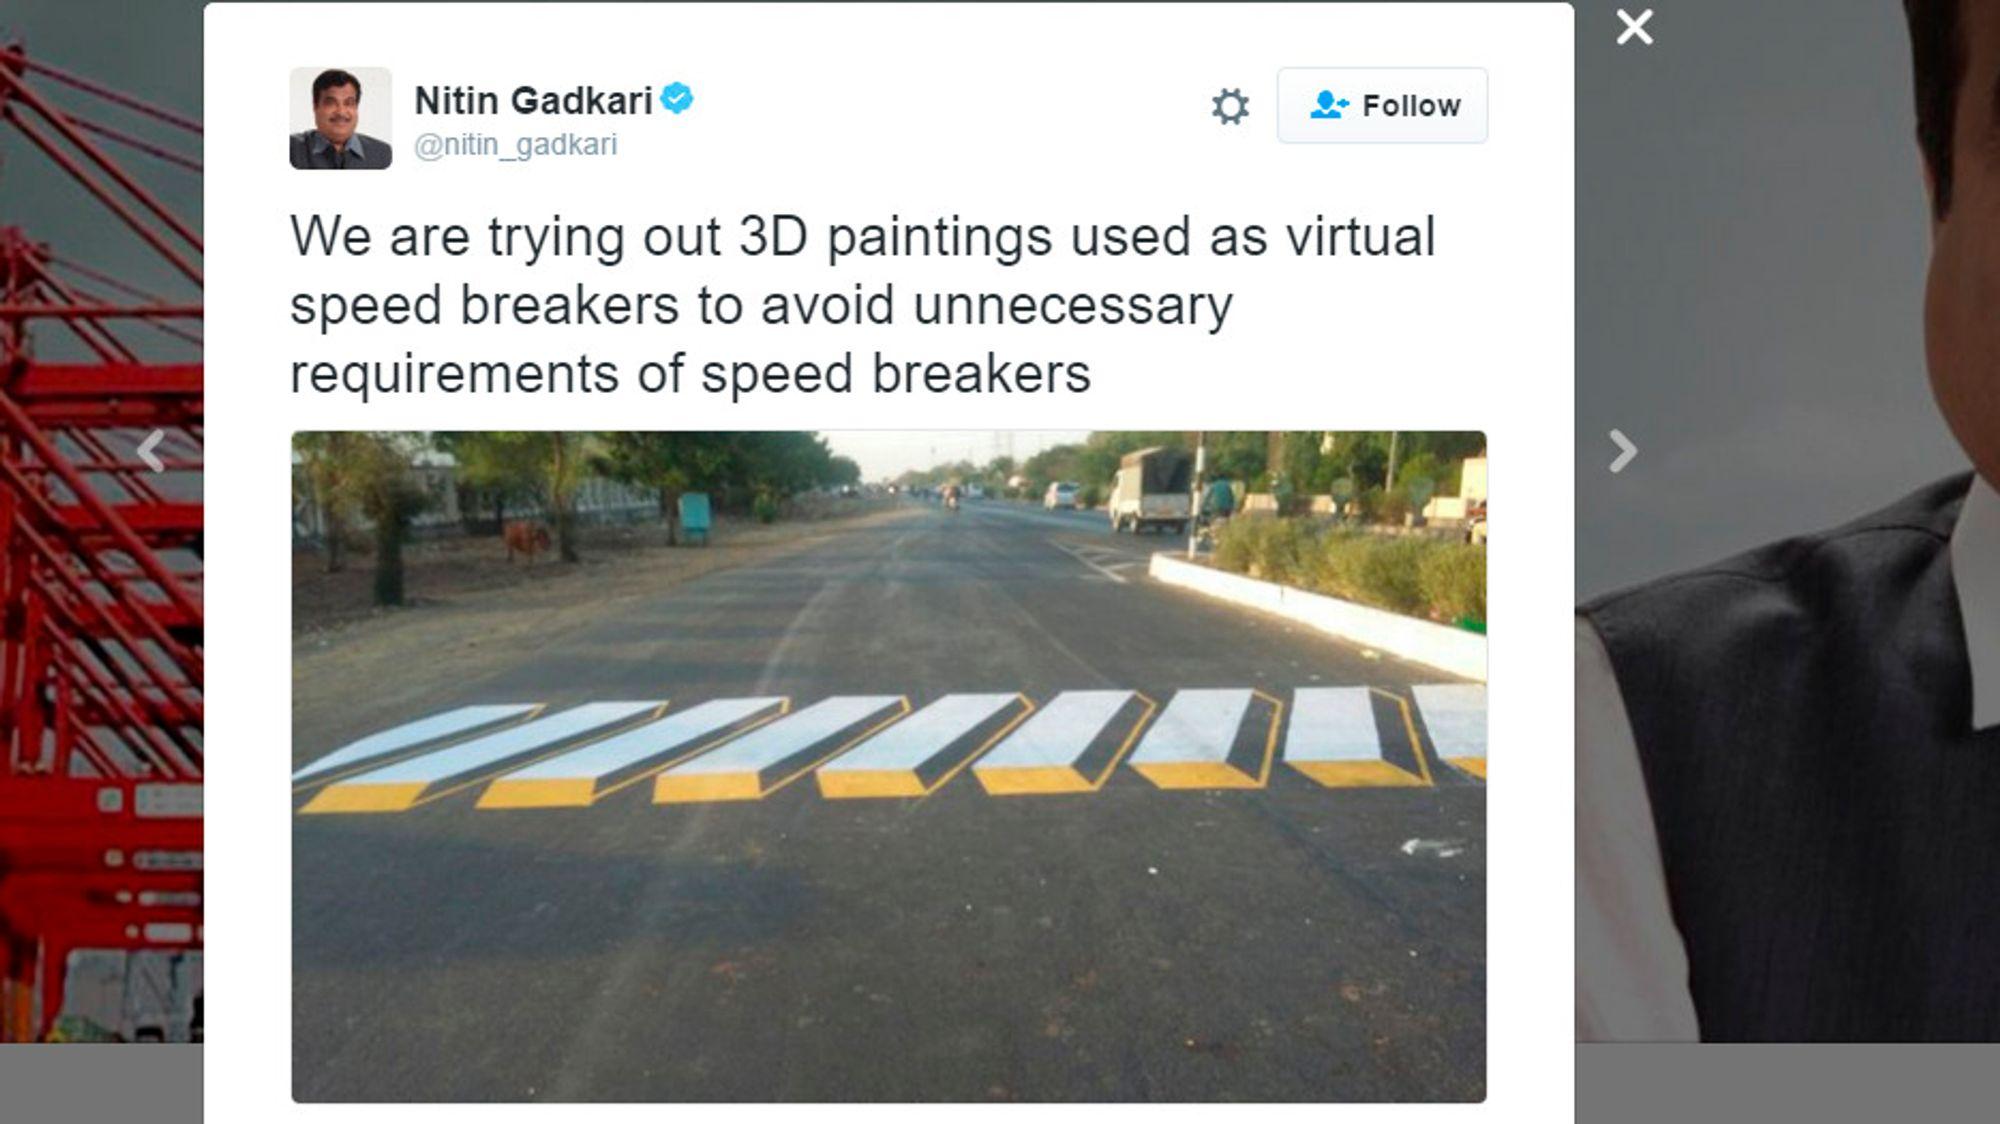 Dropper fartshumper - bruker maling for å lure bilister til å kjøre saktere